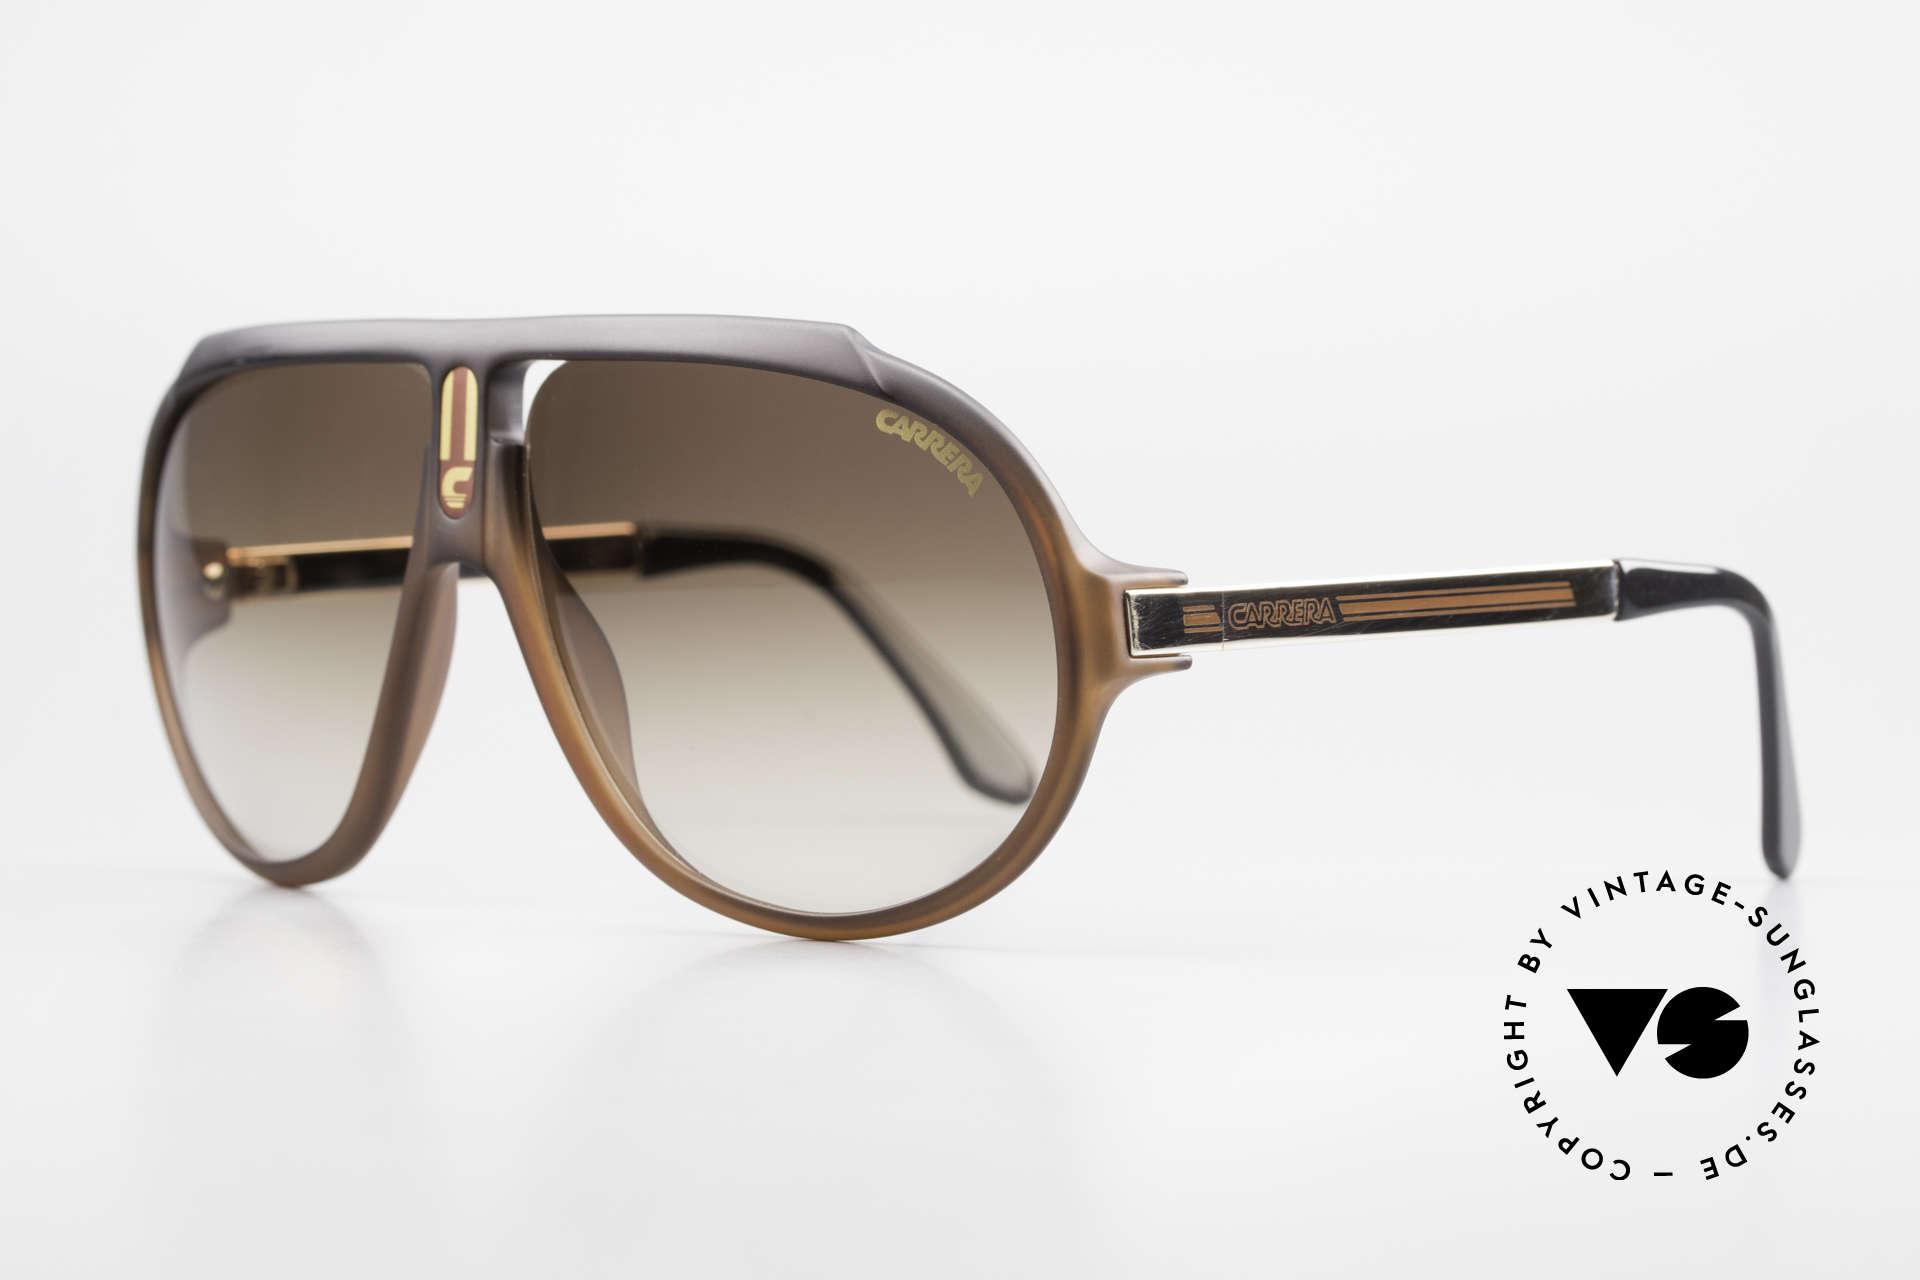 Carrera 5512 80's Don Johnson Sunglasses, Carrera Mod. 5512 worn by Don Johnson in Miami Vice, Made for Men